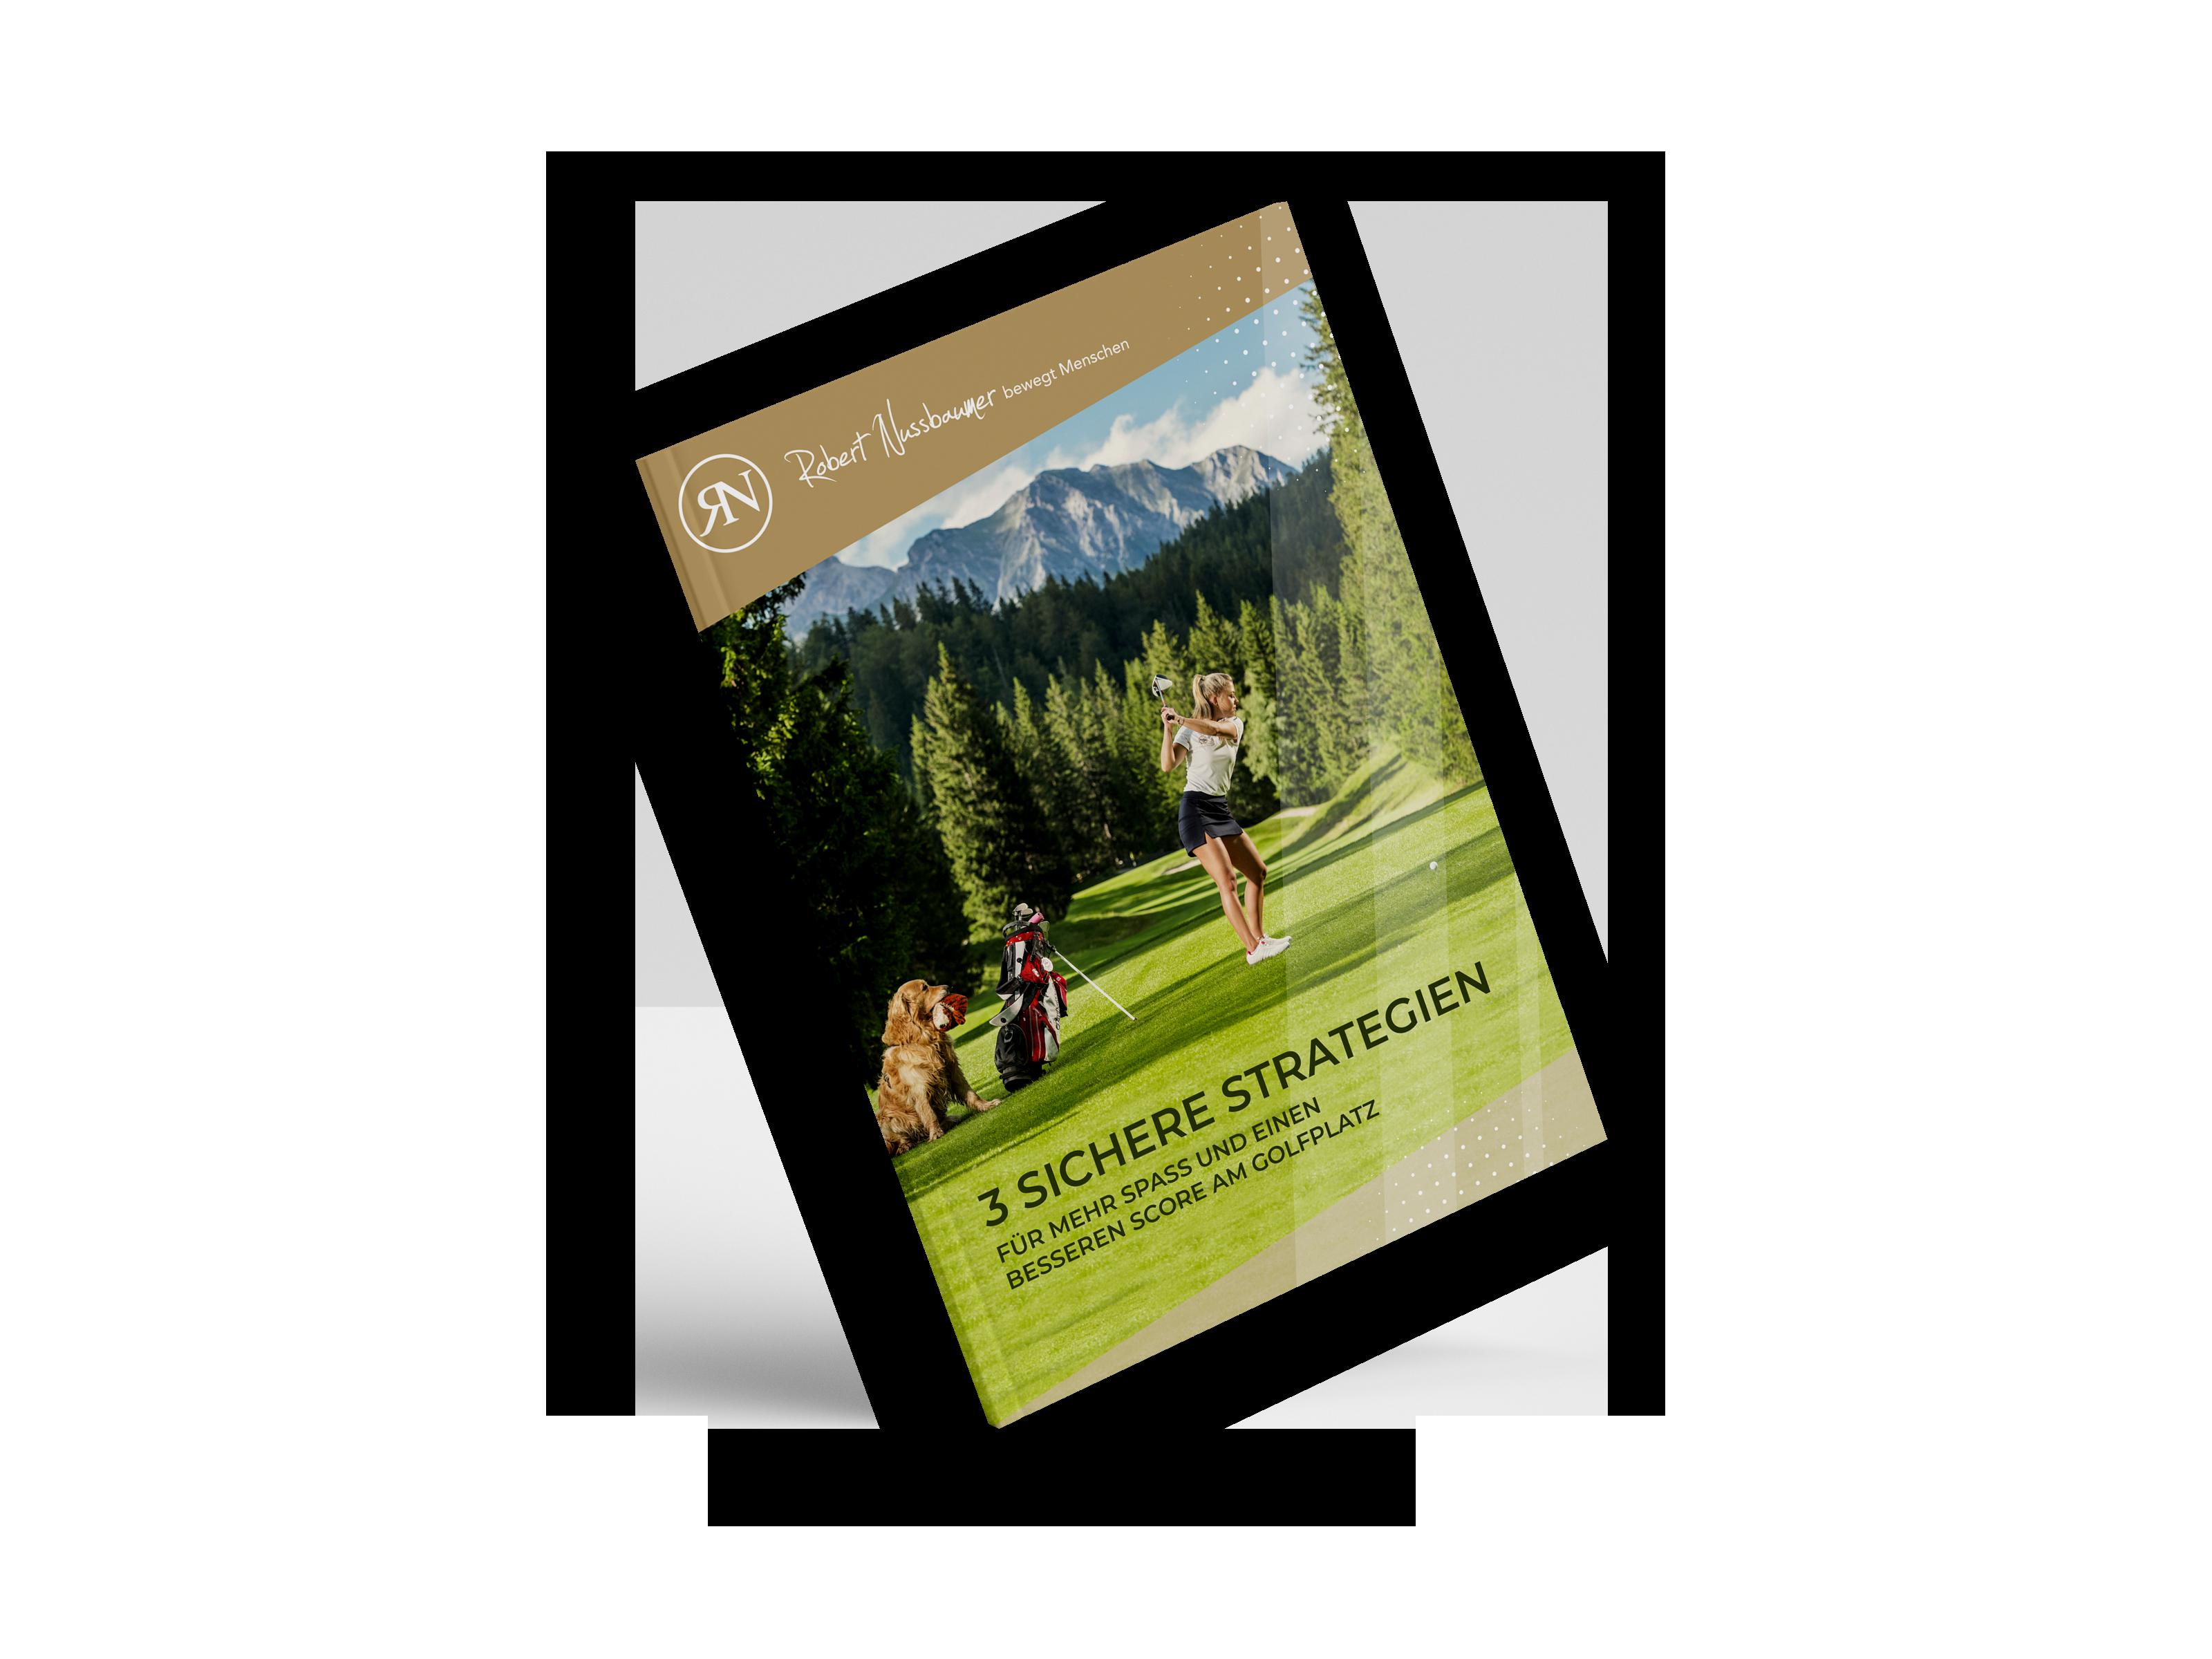 Robert Nussbaumer - Strategien für einen besseren Golfscore